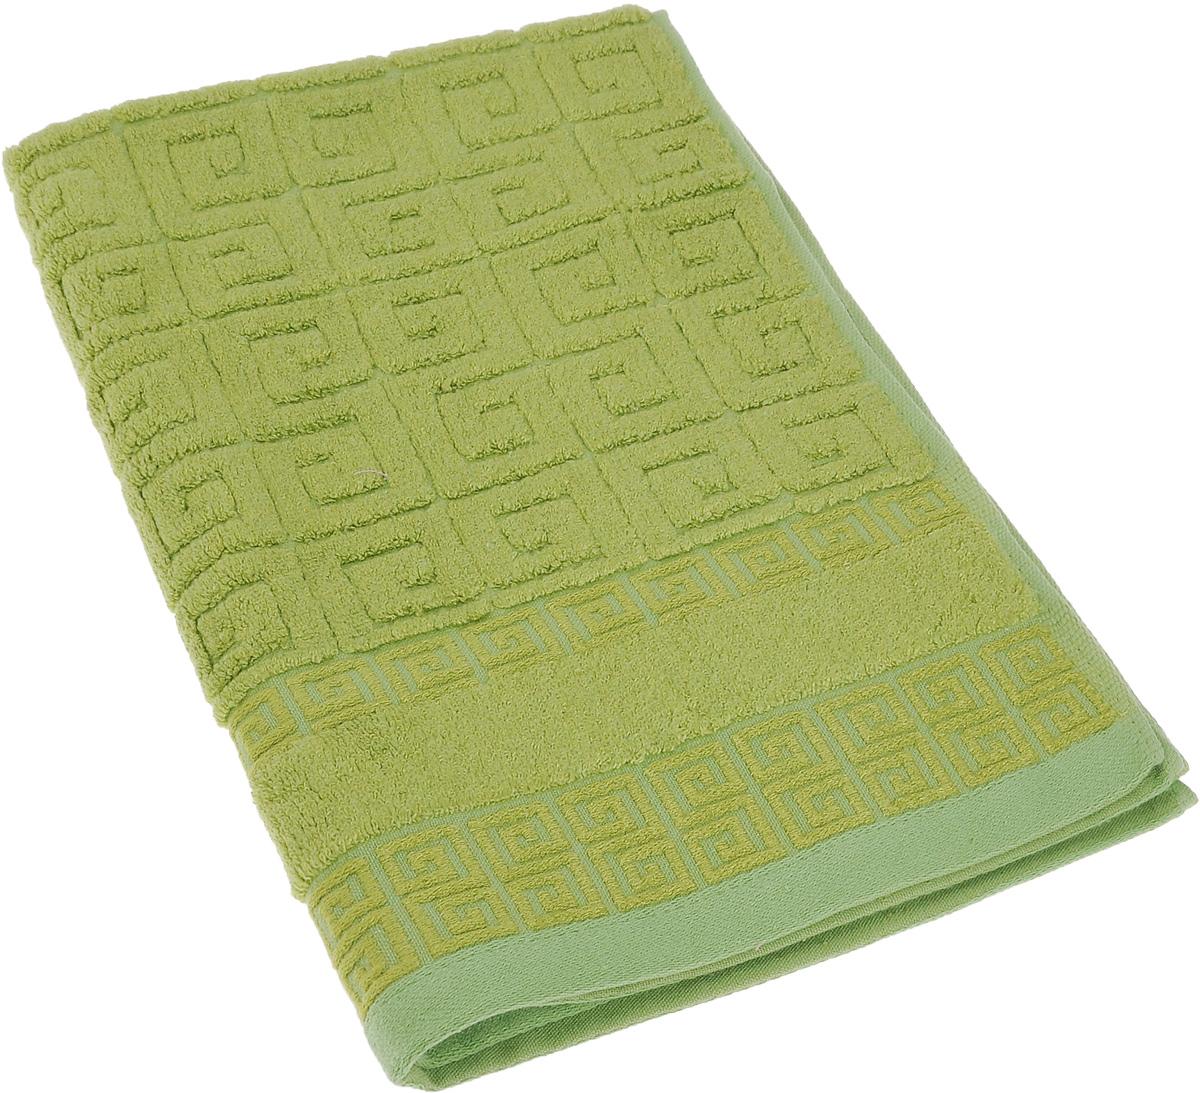 Полотенце Soavita Alber, цвет: зеленый, 50 х 70 см64149Полотенце Soavita Alber выполнено из 100% бамбукового волокна. Изделие отлично впитывает влагу, быстро сохнет, сохраняет яркость цвета и не теряет форму даже после многократных стирок. Полотенце очень практично и неприхотливо в уходе. Оно создаст прекрасное настроение и украсит интерьер в ванной комнате.